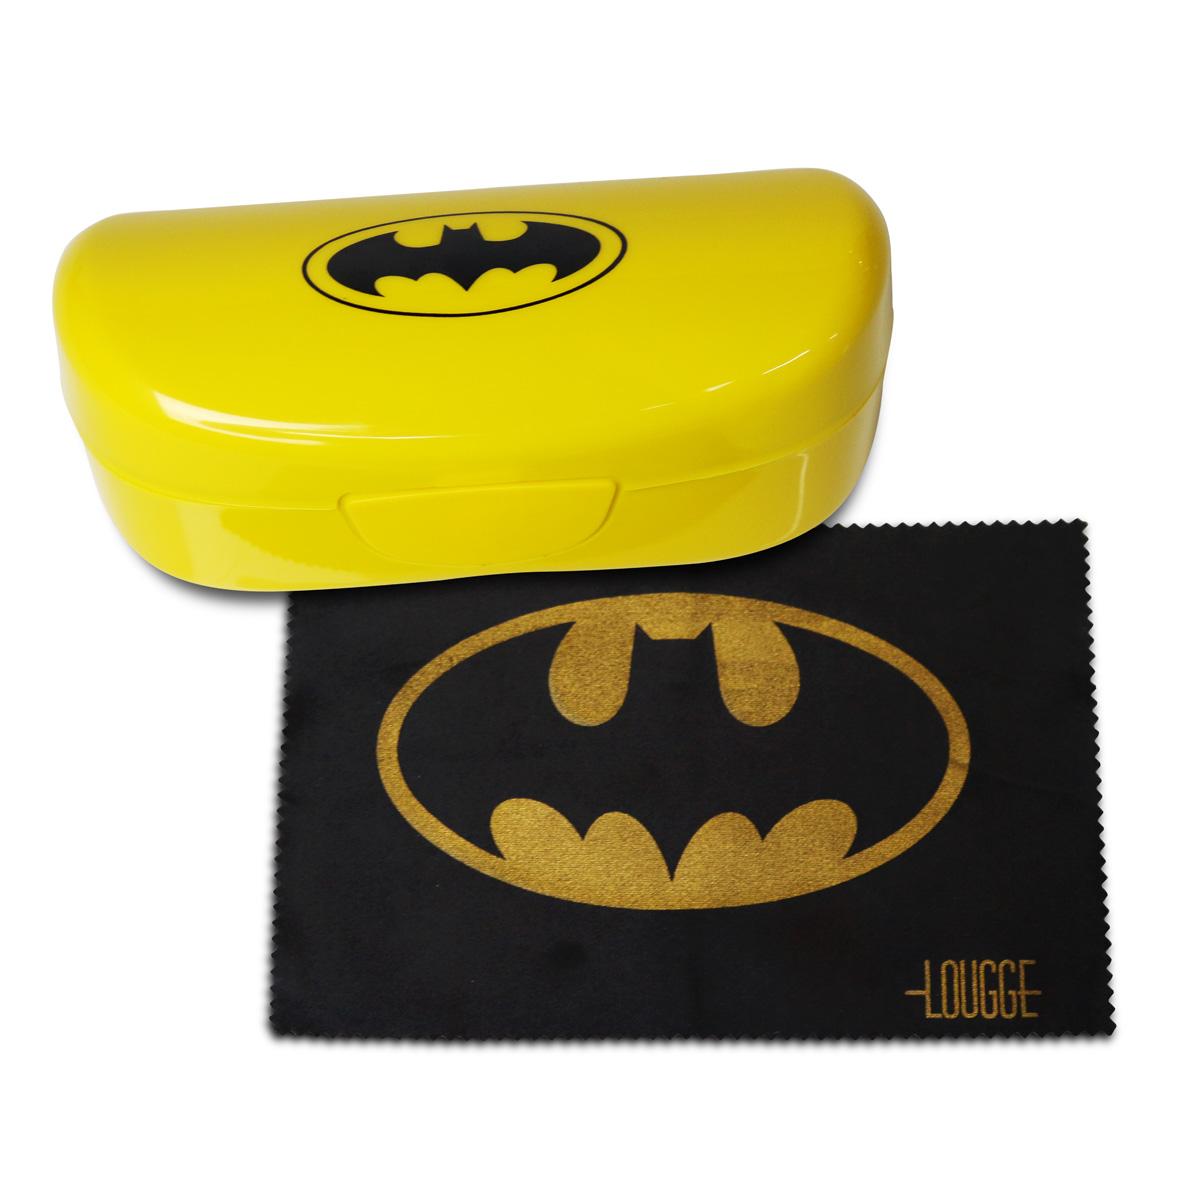 �culos de Sol Batman Infantil Preto